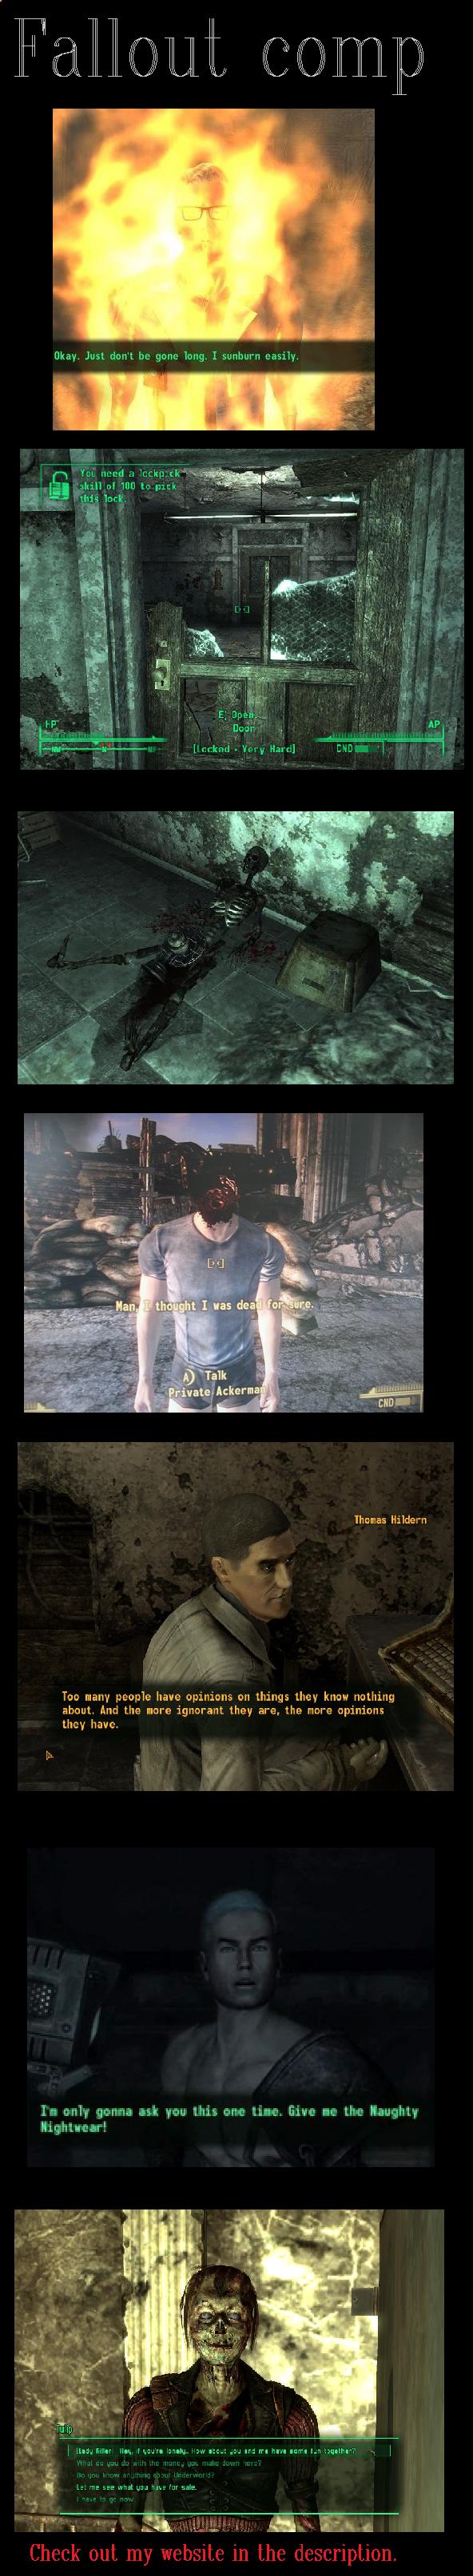 Fallout comp 1. .